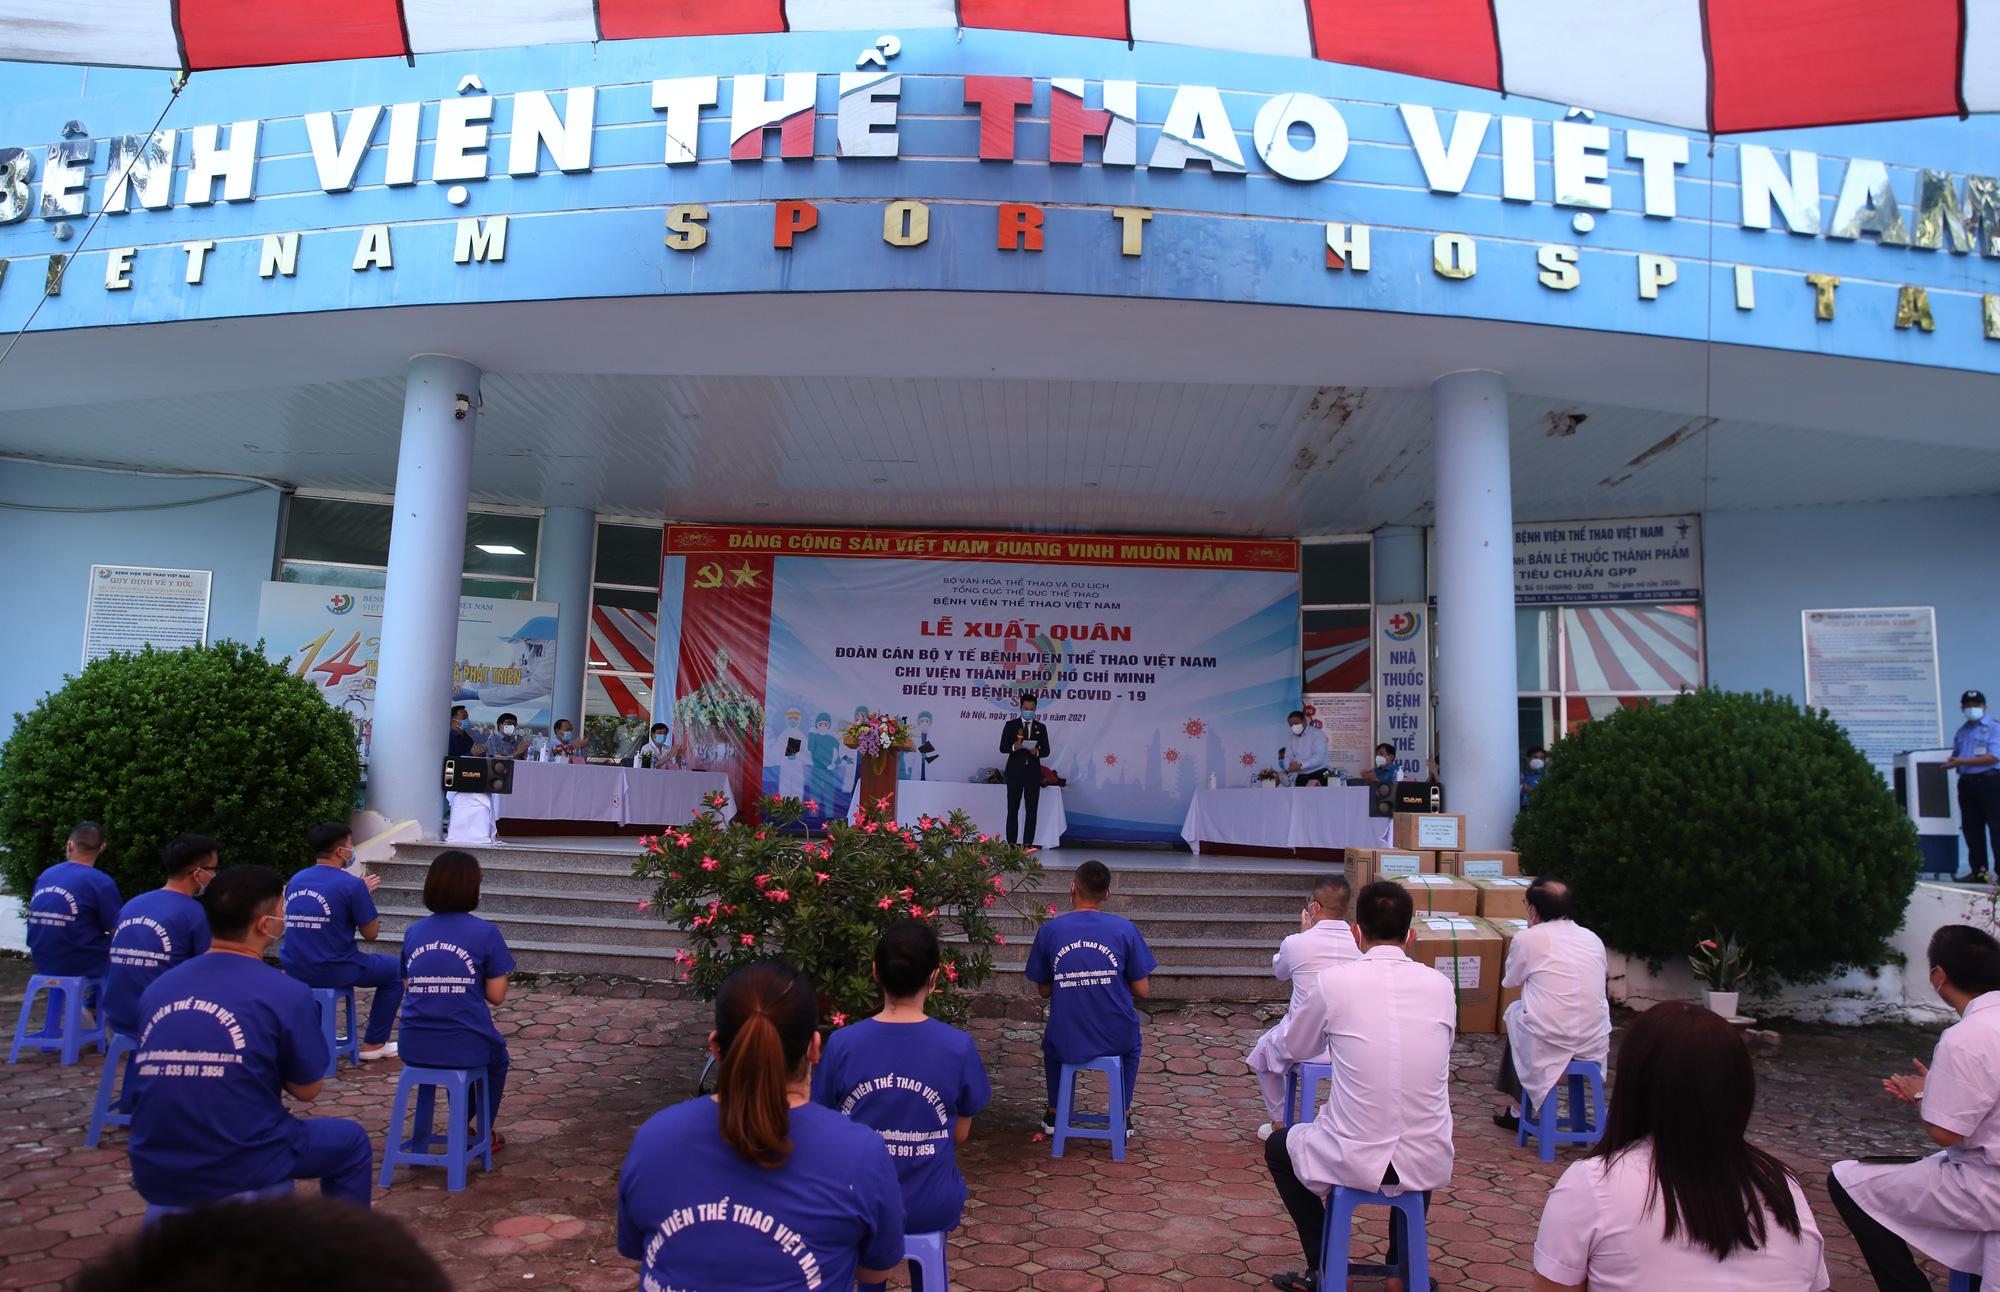 Bệnh viên Thể thao Việt Nam xuất quân tăng cường lực lượng vào miền Nam chống dịch - Ảnh 1.